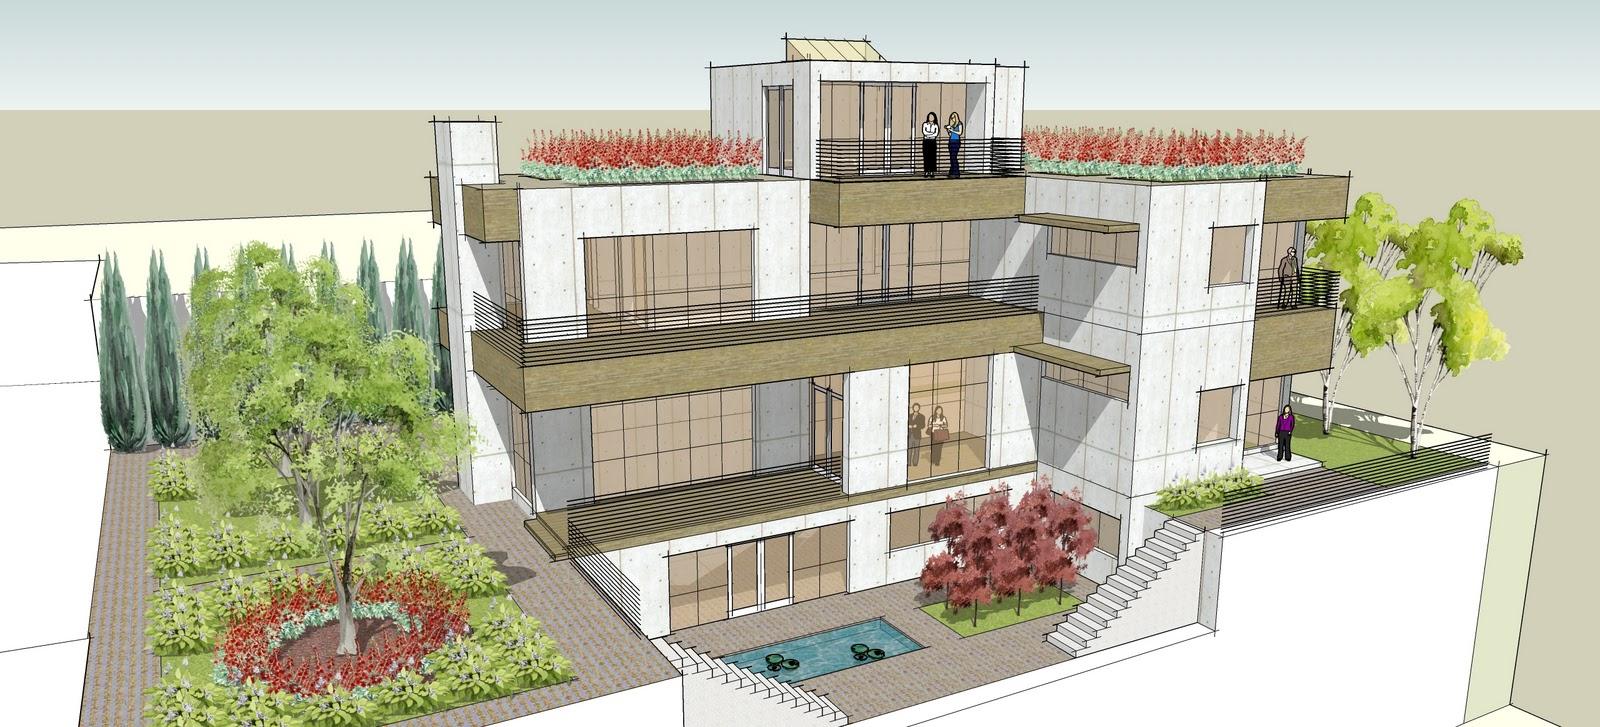 Ron brenner architects new modern korean home design